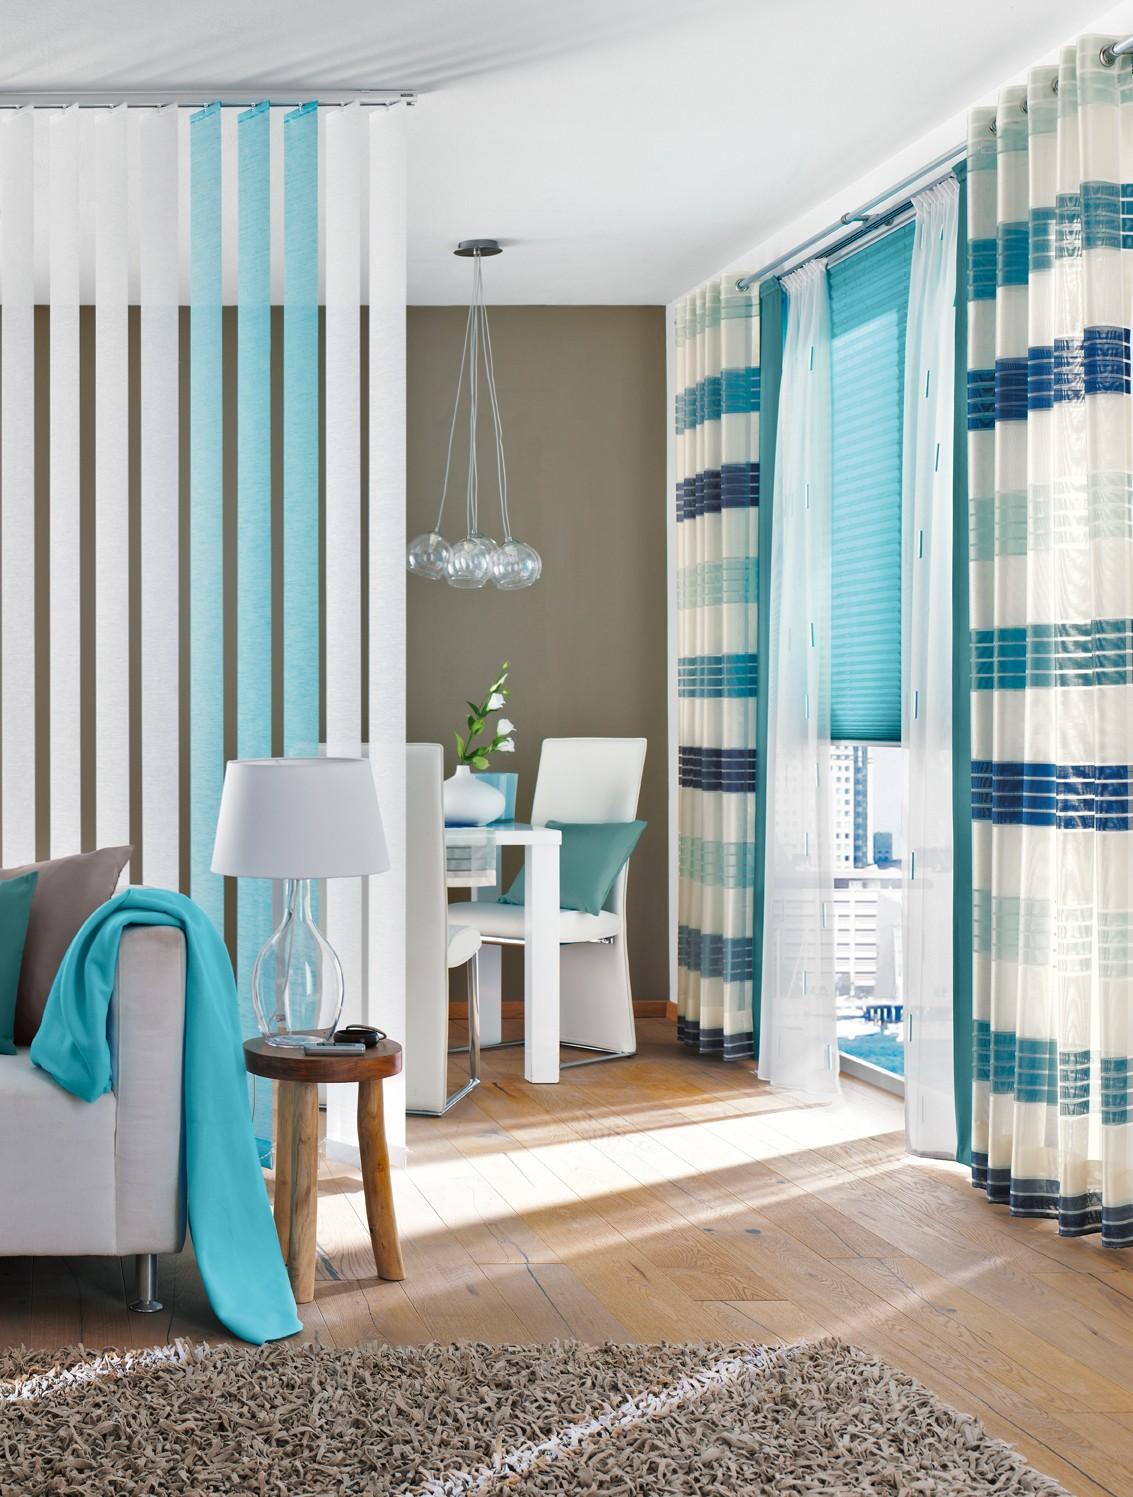 Gardinen wohnzimmer braun dekoration inspiration for Gardinen braun